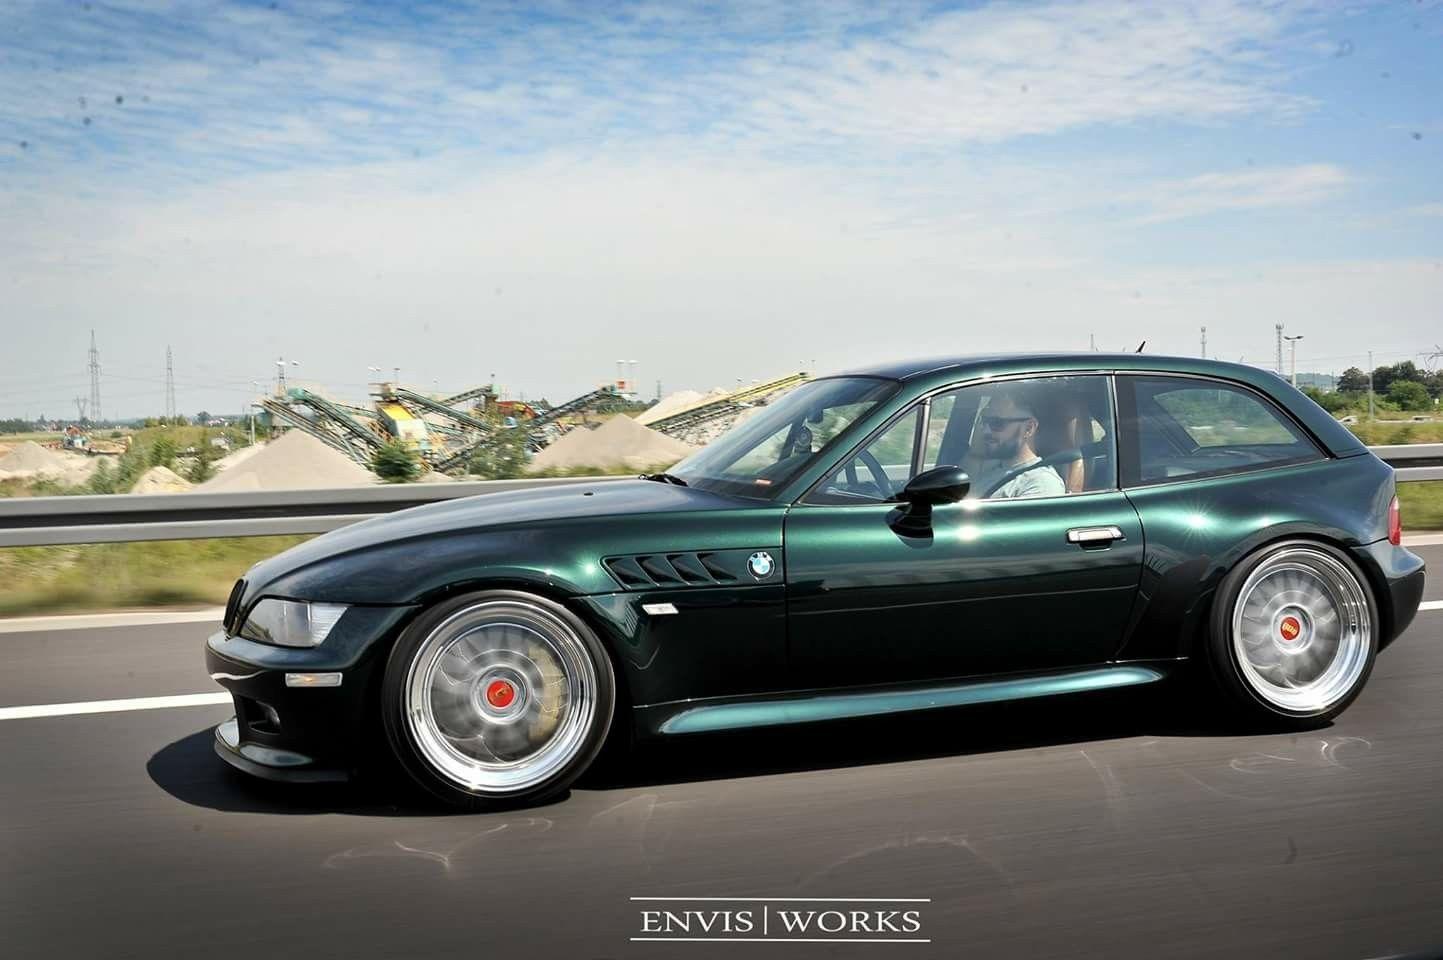 Bmw Z3 Coupe Green Roller Bmw Z3 Bmw Z3 Coupe Bmw